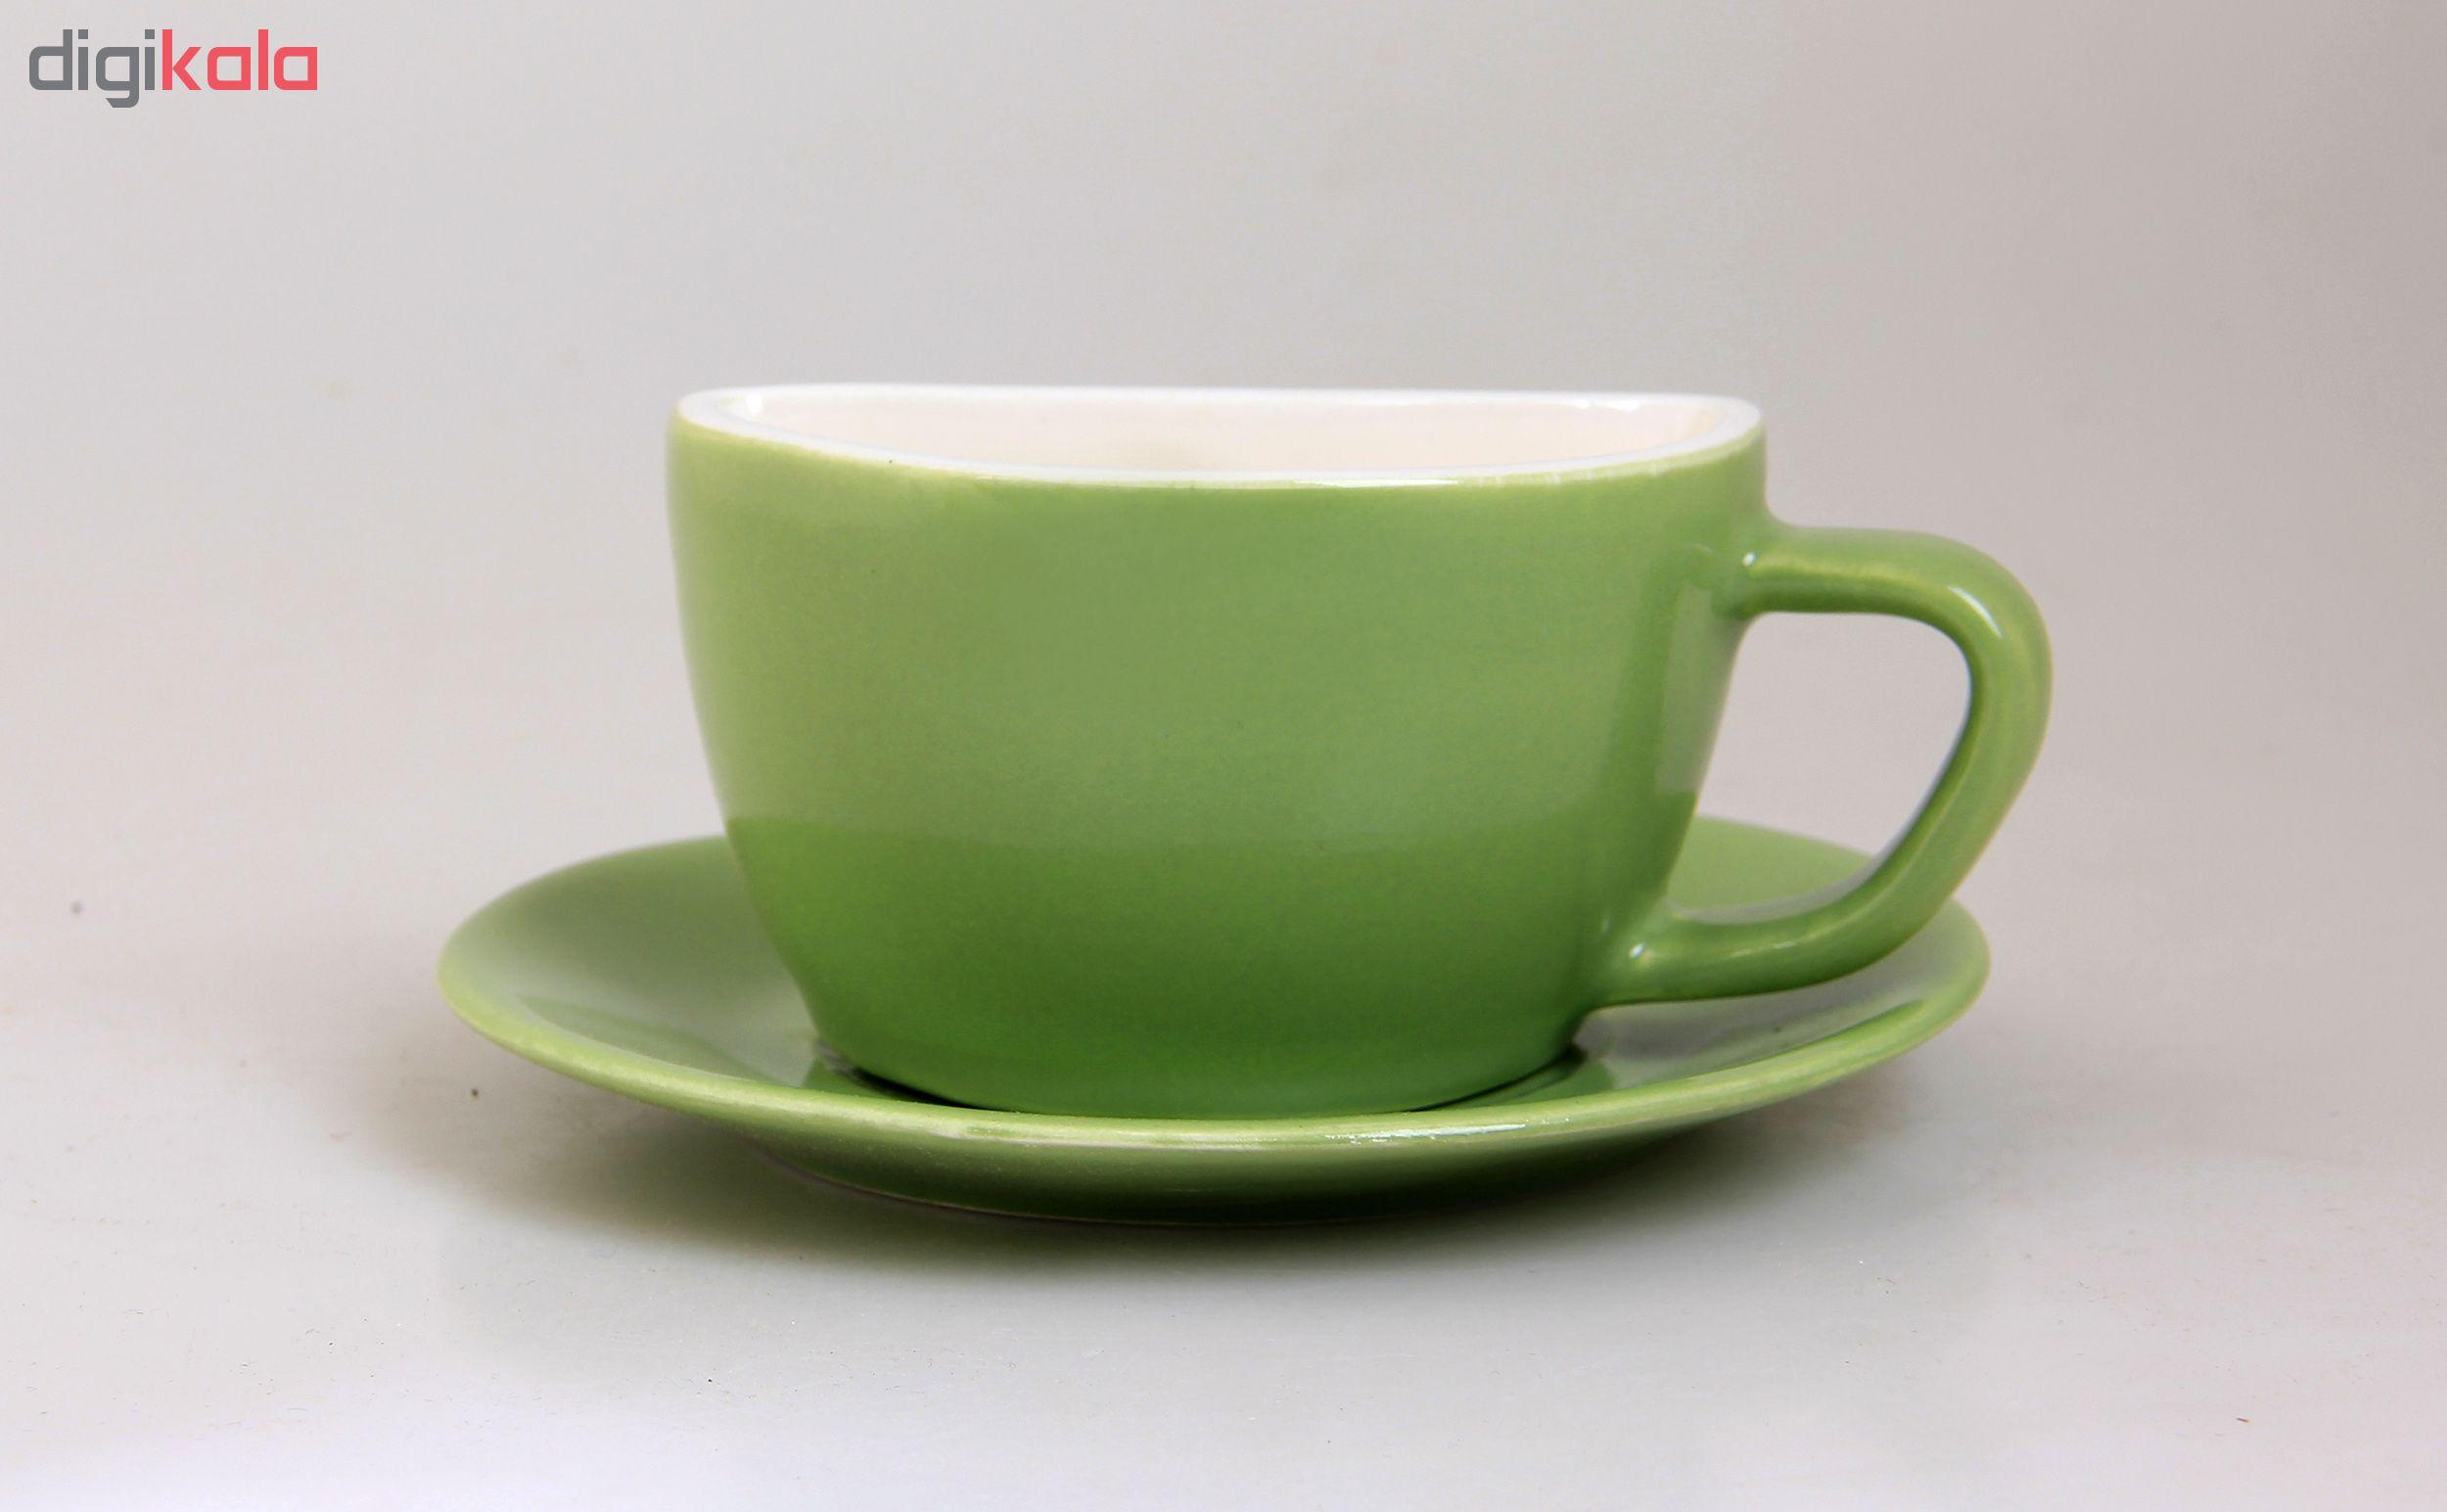 فنجان و نعلبکی طرح لبخند مدل G01